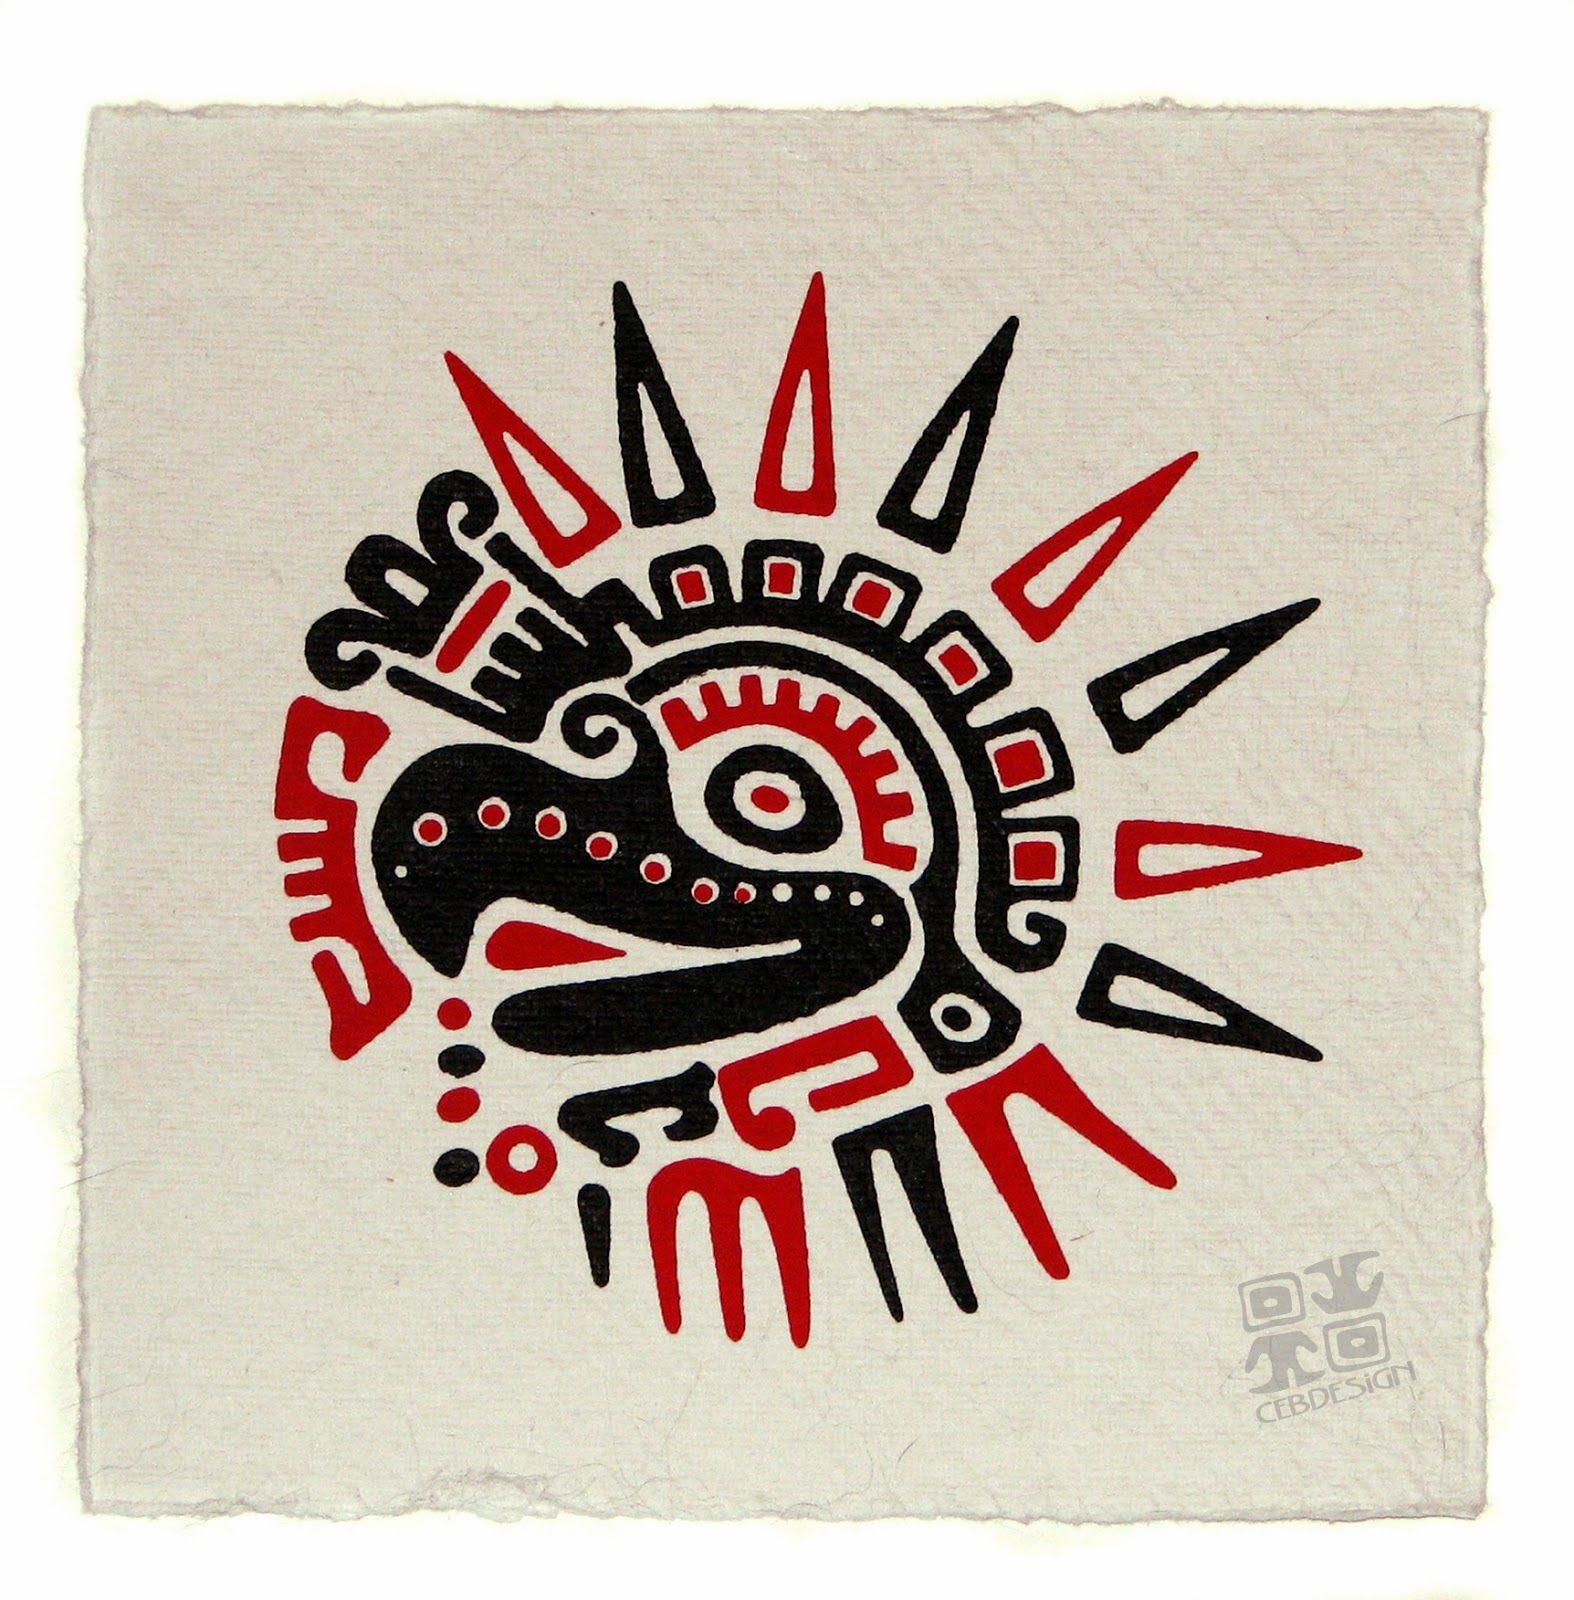 Spreading Wings Tattoo - ₪ AZTEC TATTOOS ₪ Aztec Mayan ...  |Mayan Eagle Tattoos